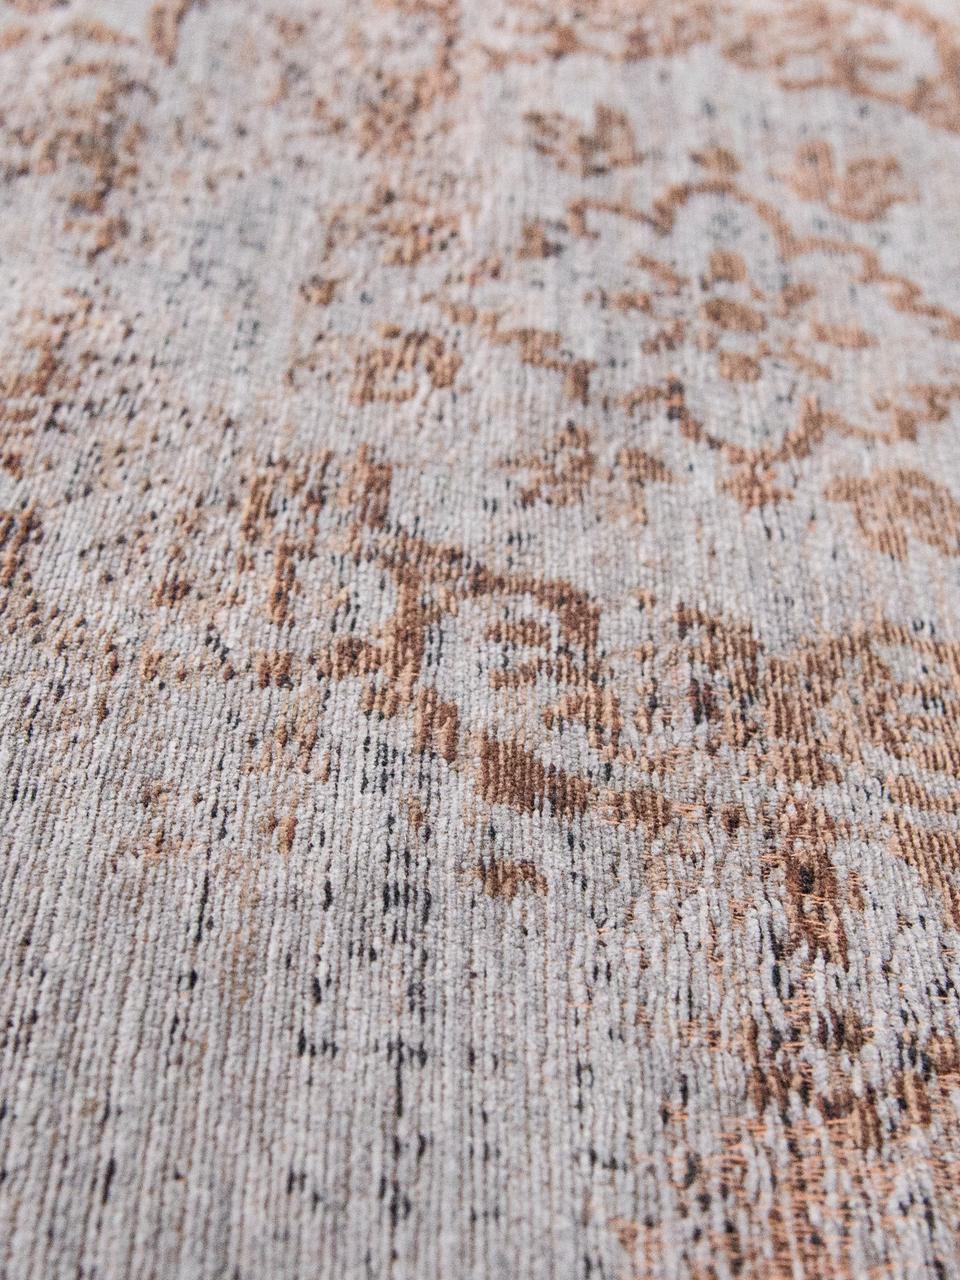 Vintage Chenilleteppich Medaillon, Vorderseite: 100% Chenillegarn (Baumwo, Webart: Jacquard, Rückseite: Chenillegarn, latexbeschi, Grau, Braun, B 80 x L 150 cm (Größe XS)